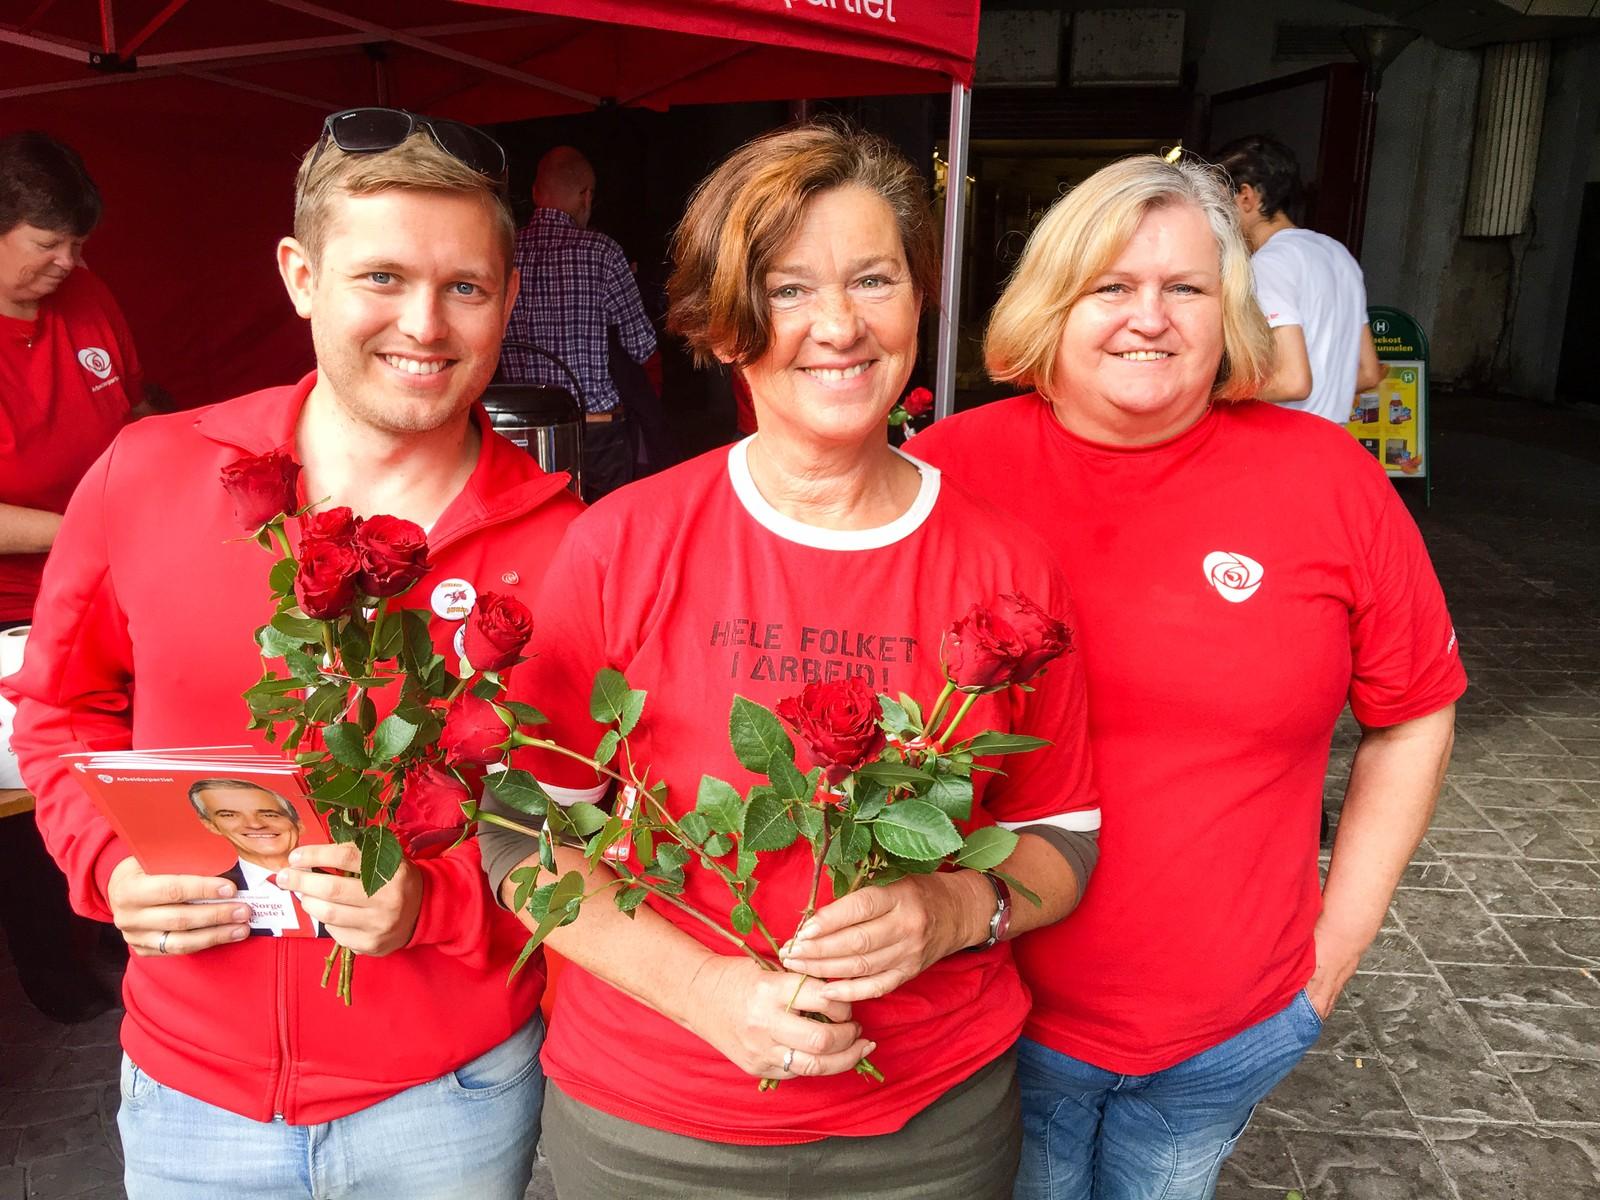 Arbeiderpartiet delte ut røde roser under valgkampmobiliseringen i Korsatunellen i Ålesund lørdag. Fra venstre: Jan Ola Tennøy, valgkampansvarlig for Ap i Ålesund, Eva Vinje Aurdal, ordfører i Ålesund (Ap), Eli S Brandal, bystyrerepresentant (Ap)